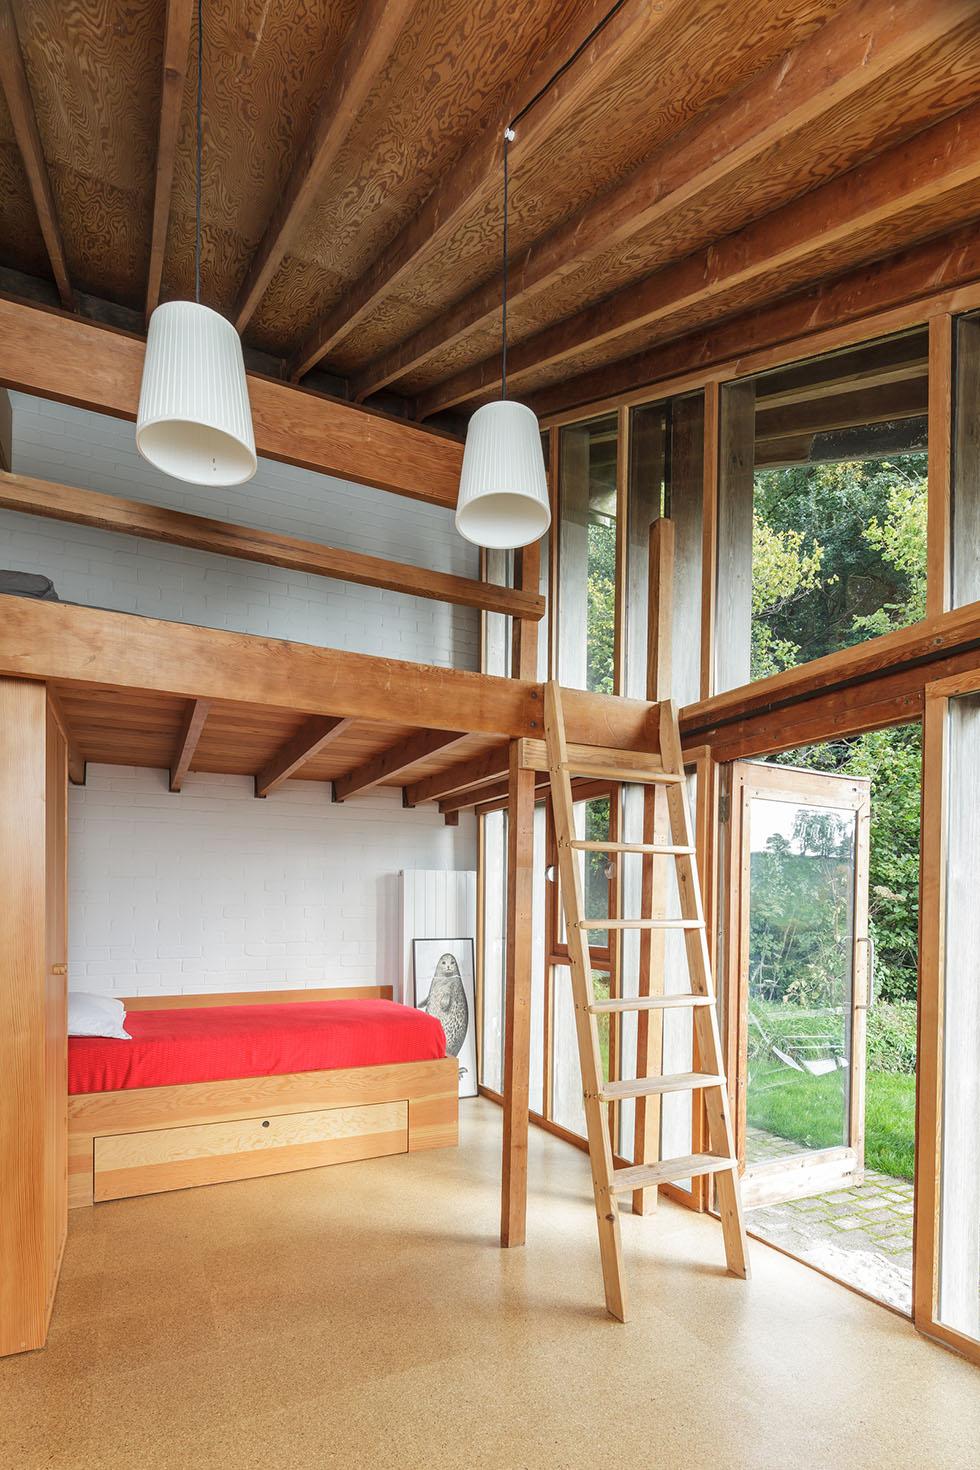 Coppin-salisbury-remodel-bedroom-bunk